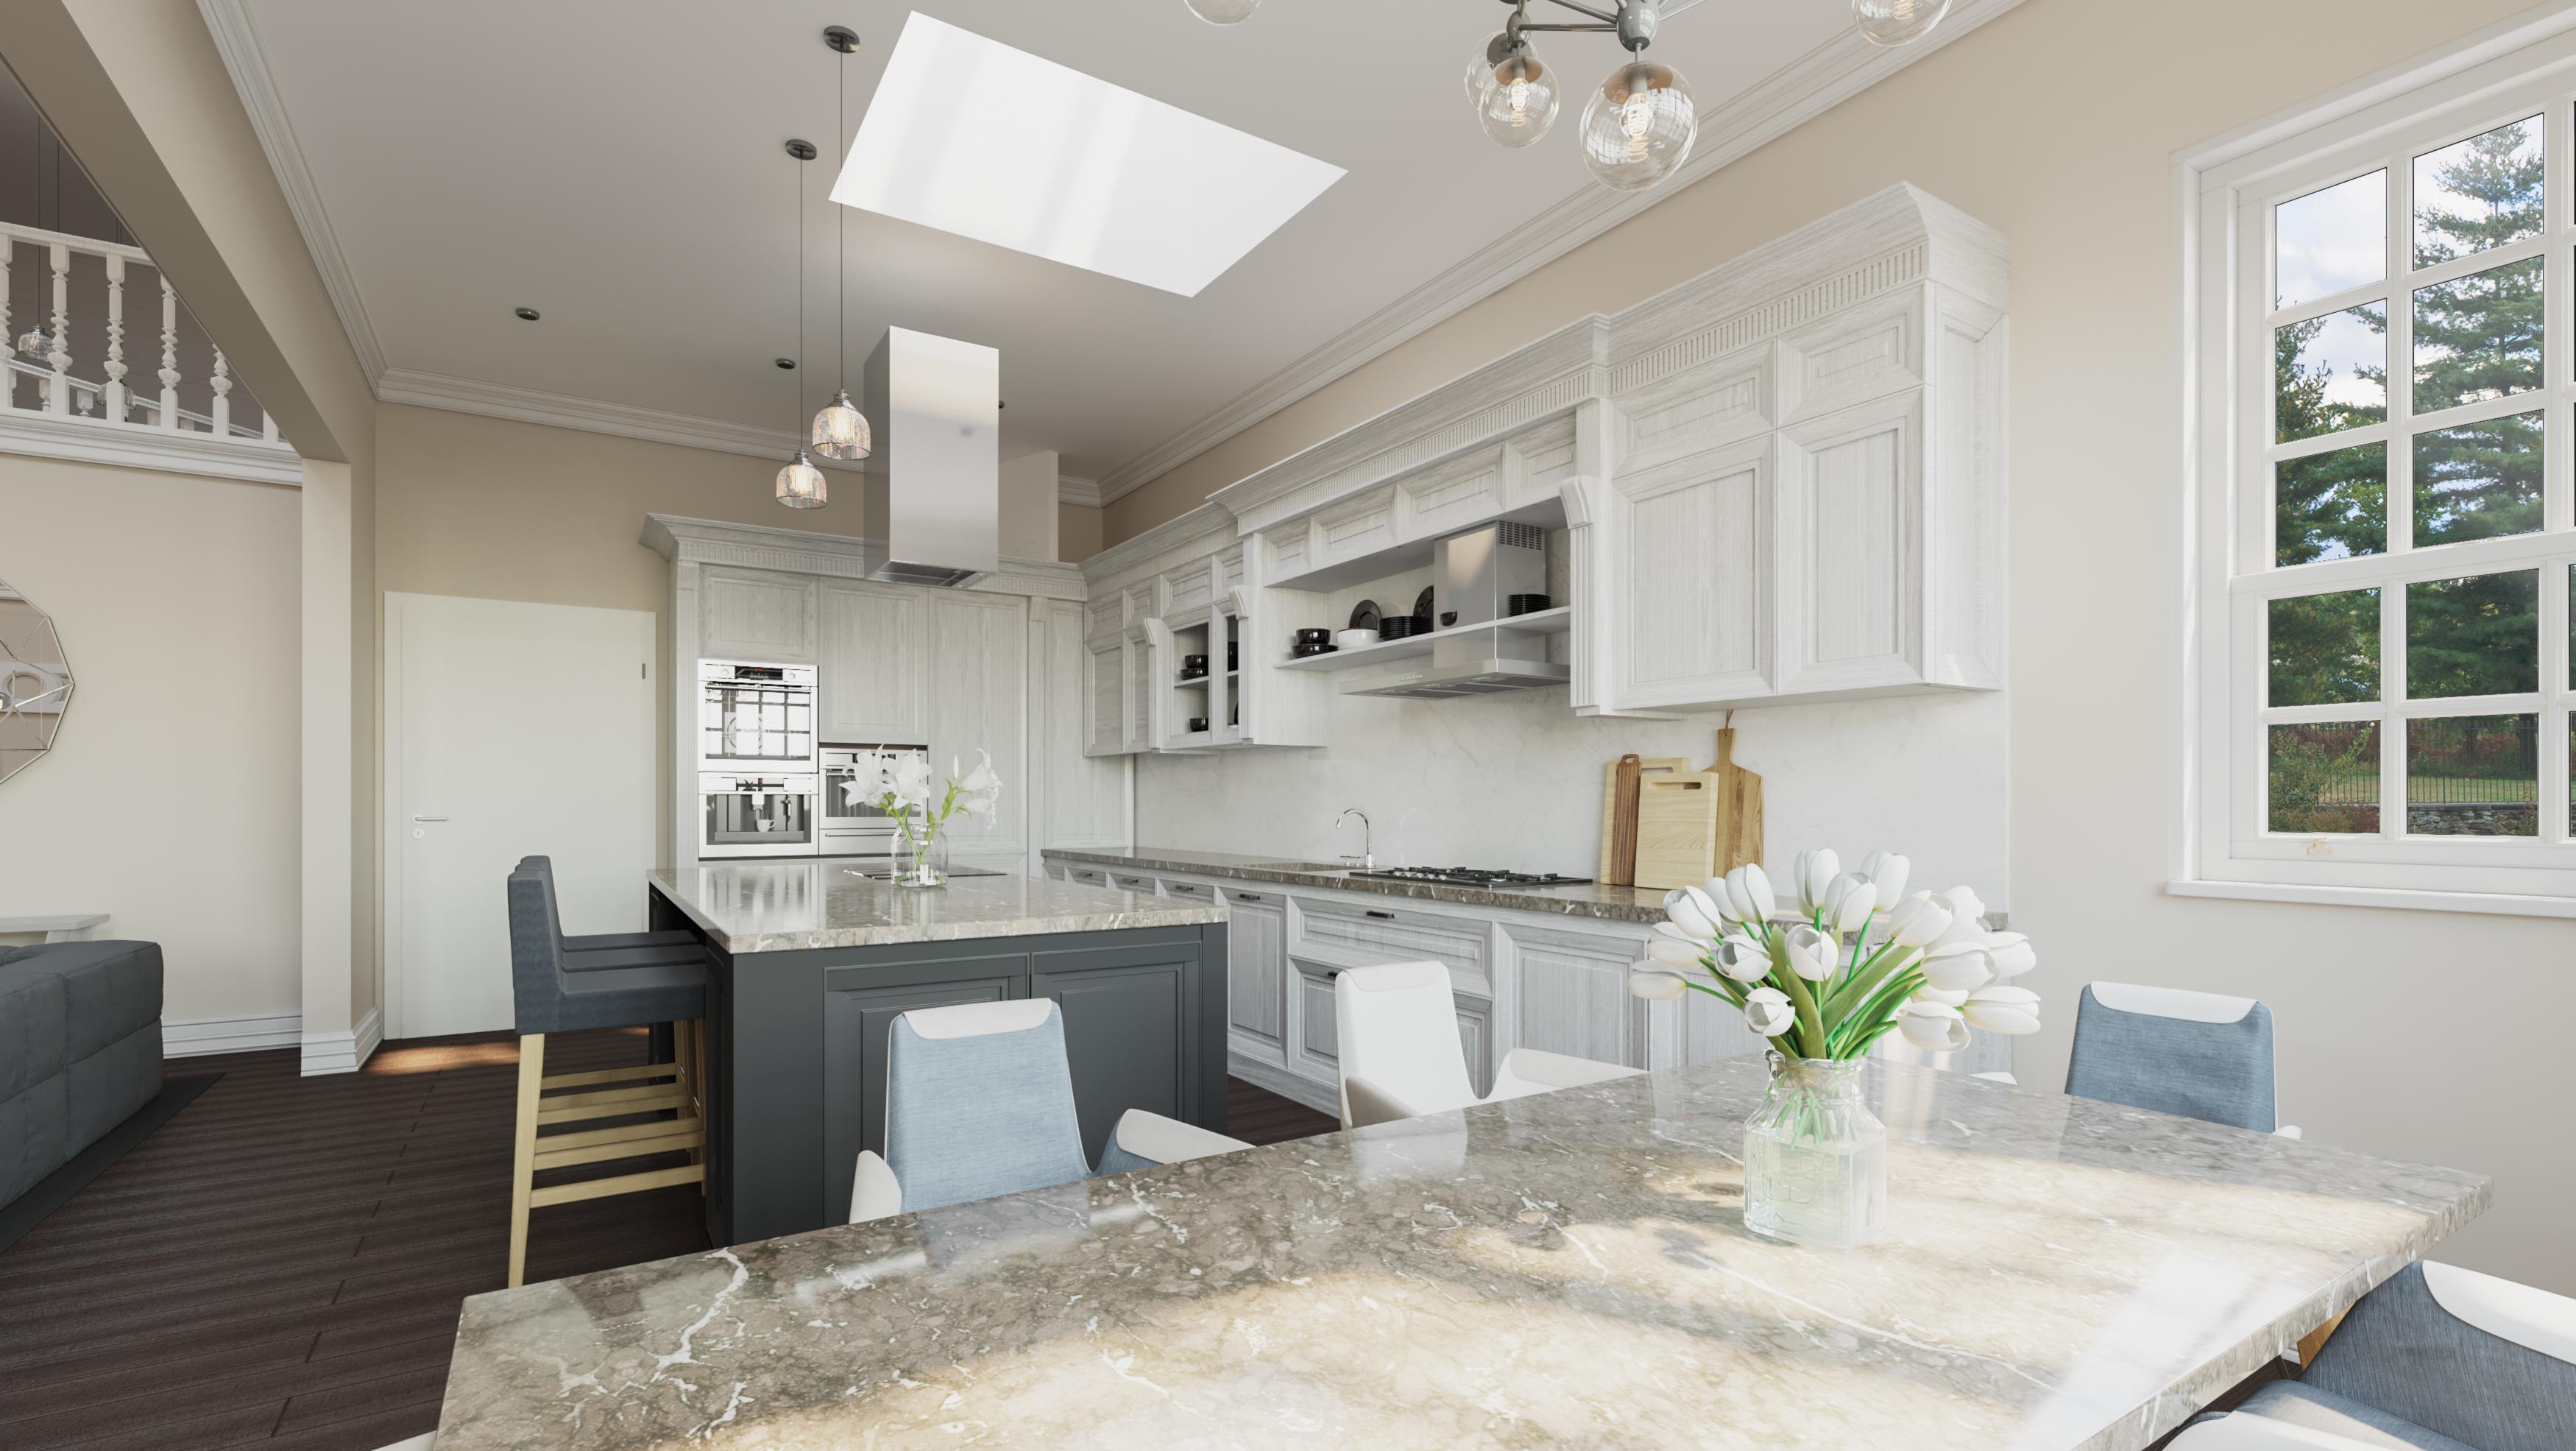 Wizualizacja wnętrz 3d - mieszkanie, kuchnia z oknami dachowymi